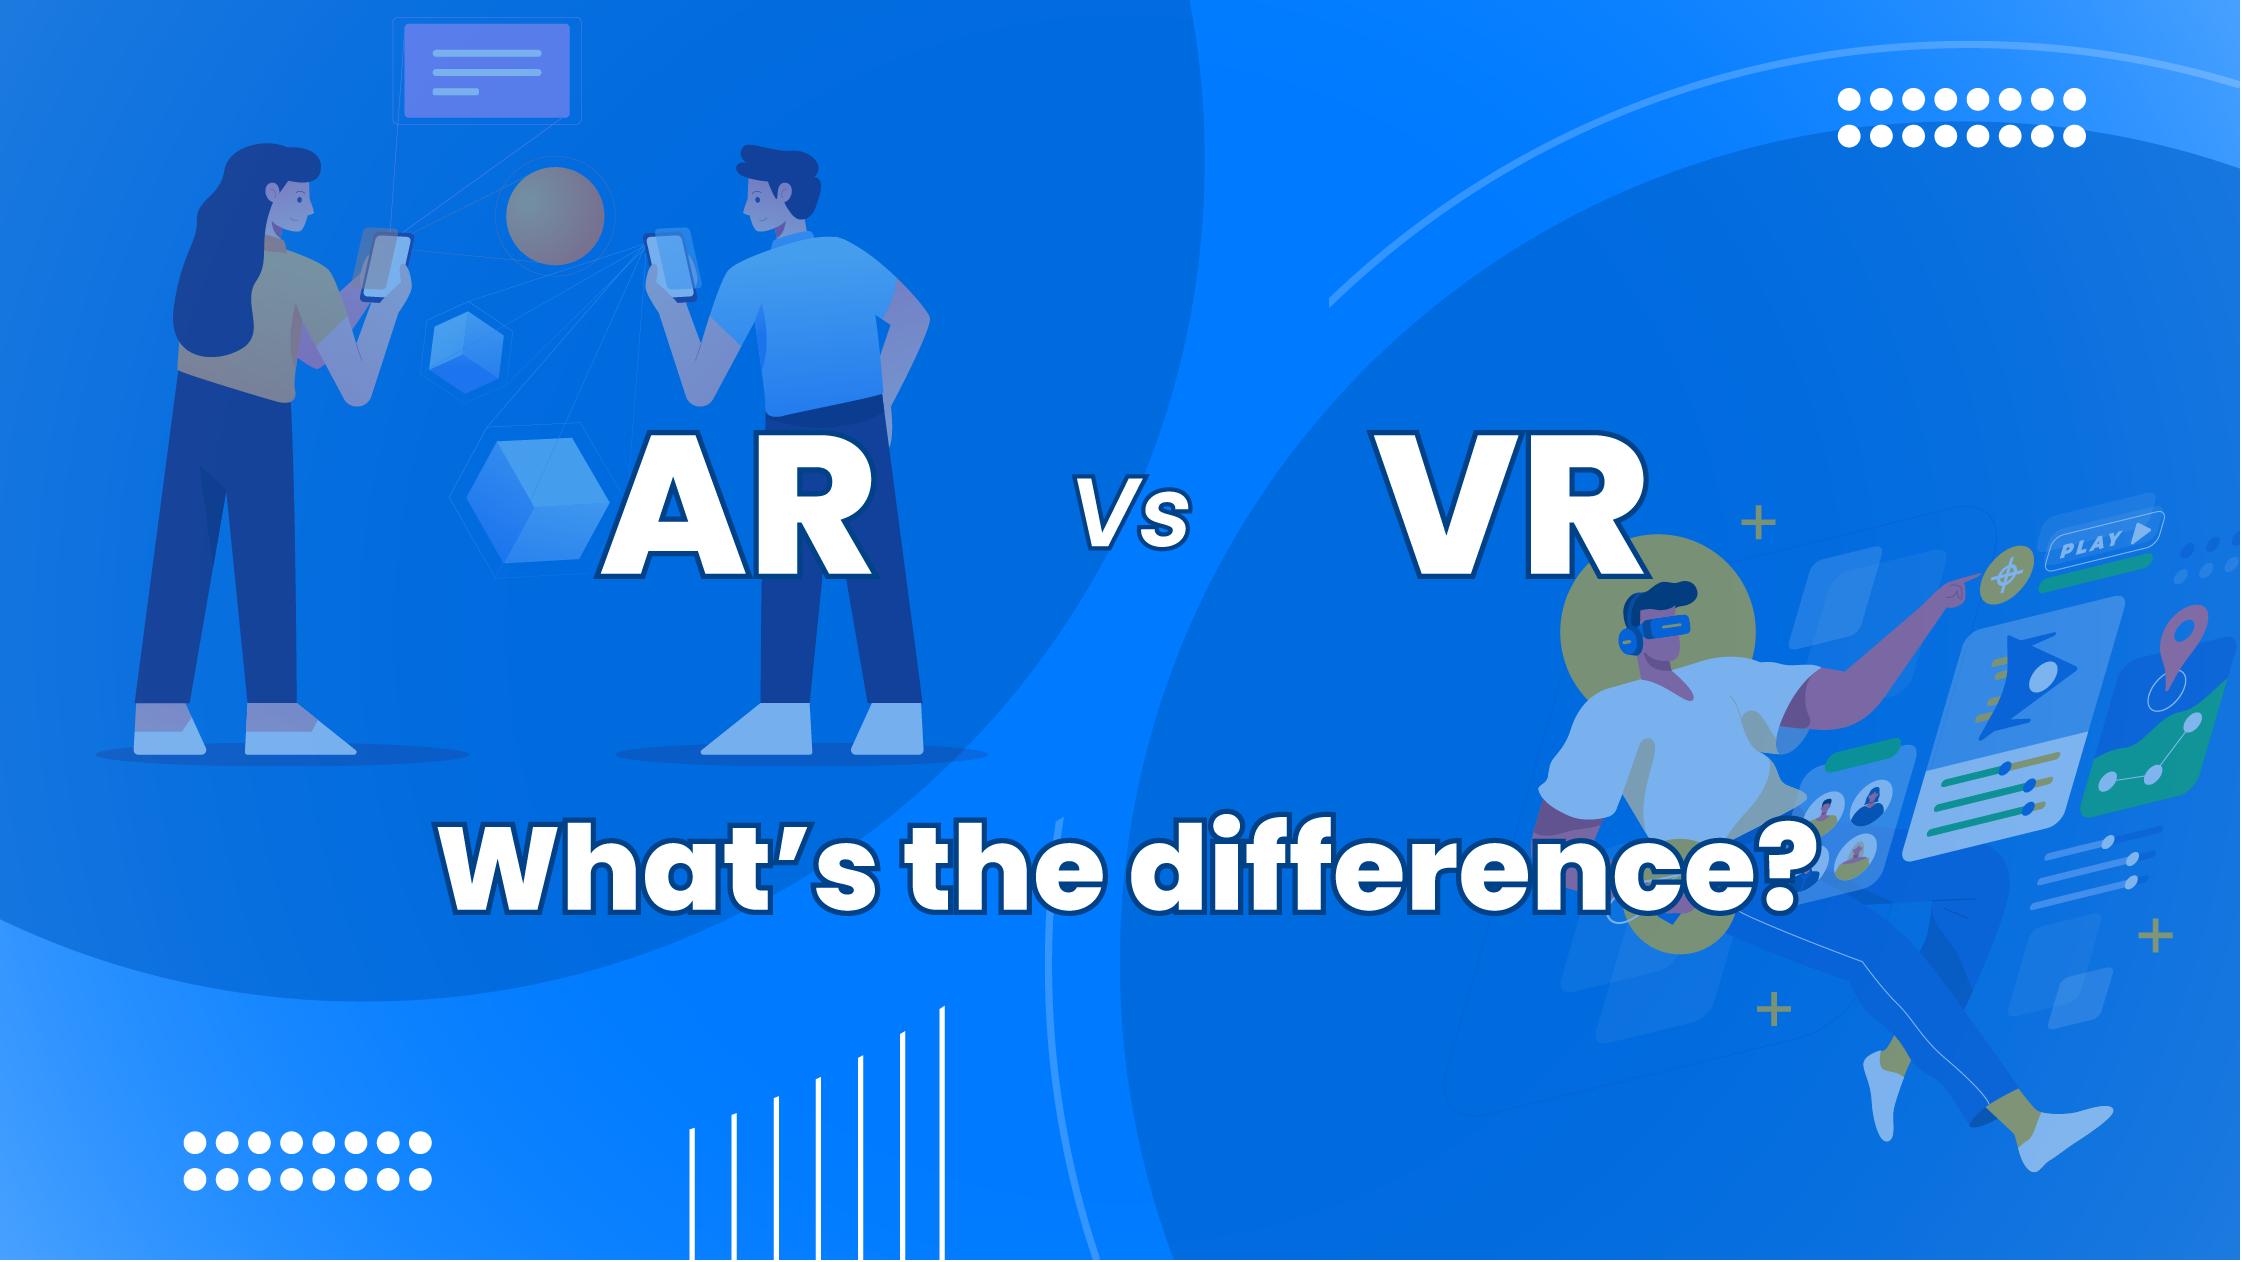 AR, VR, AR vs VR